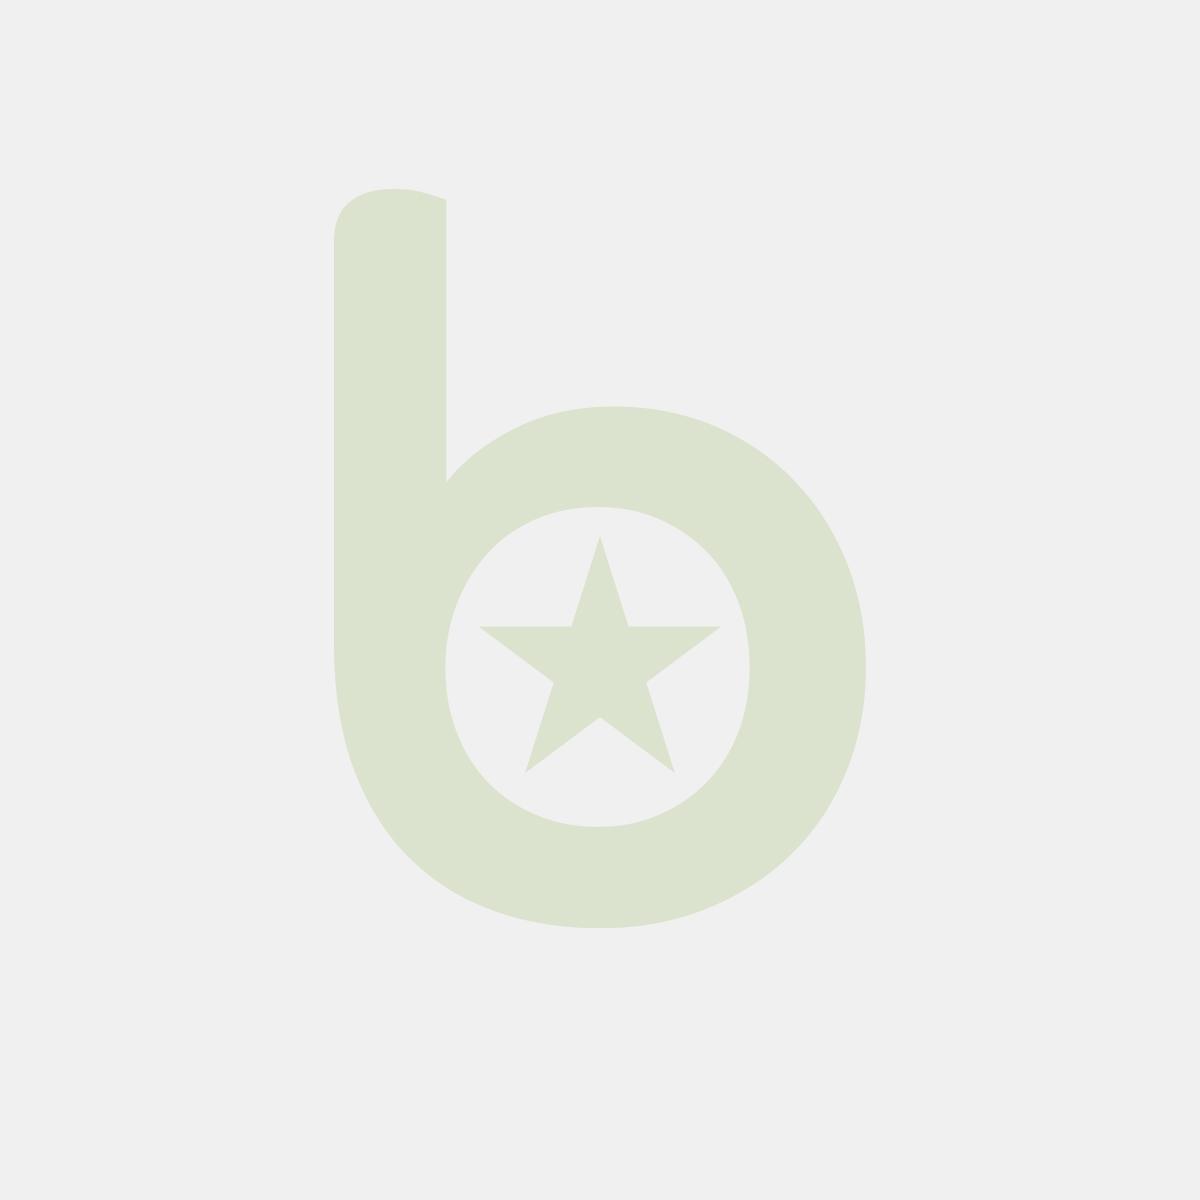 Taśma pakowa akryl SCOTCH 50x66 3M brązowa, S5066F6